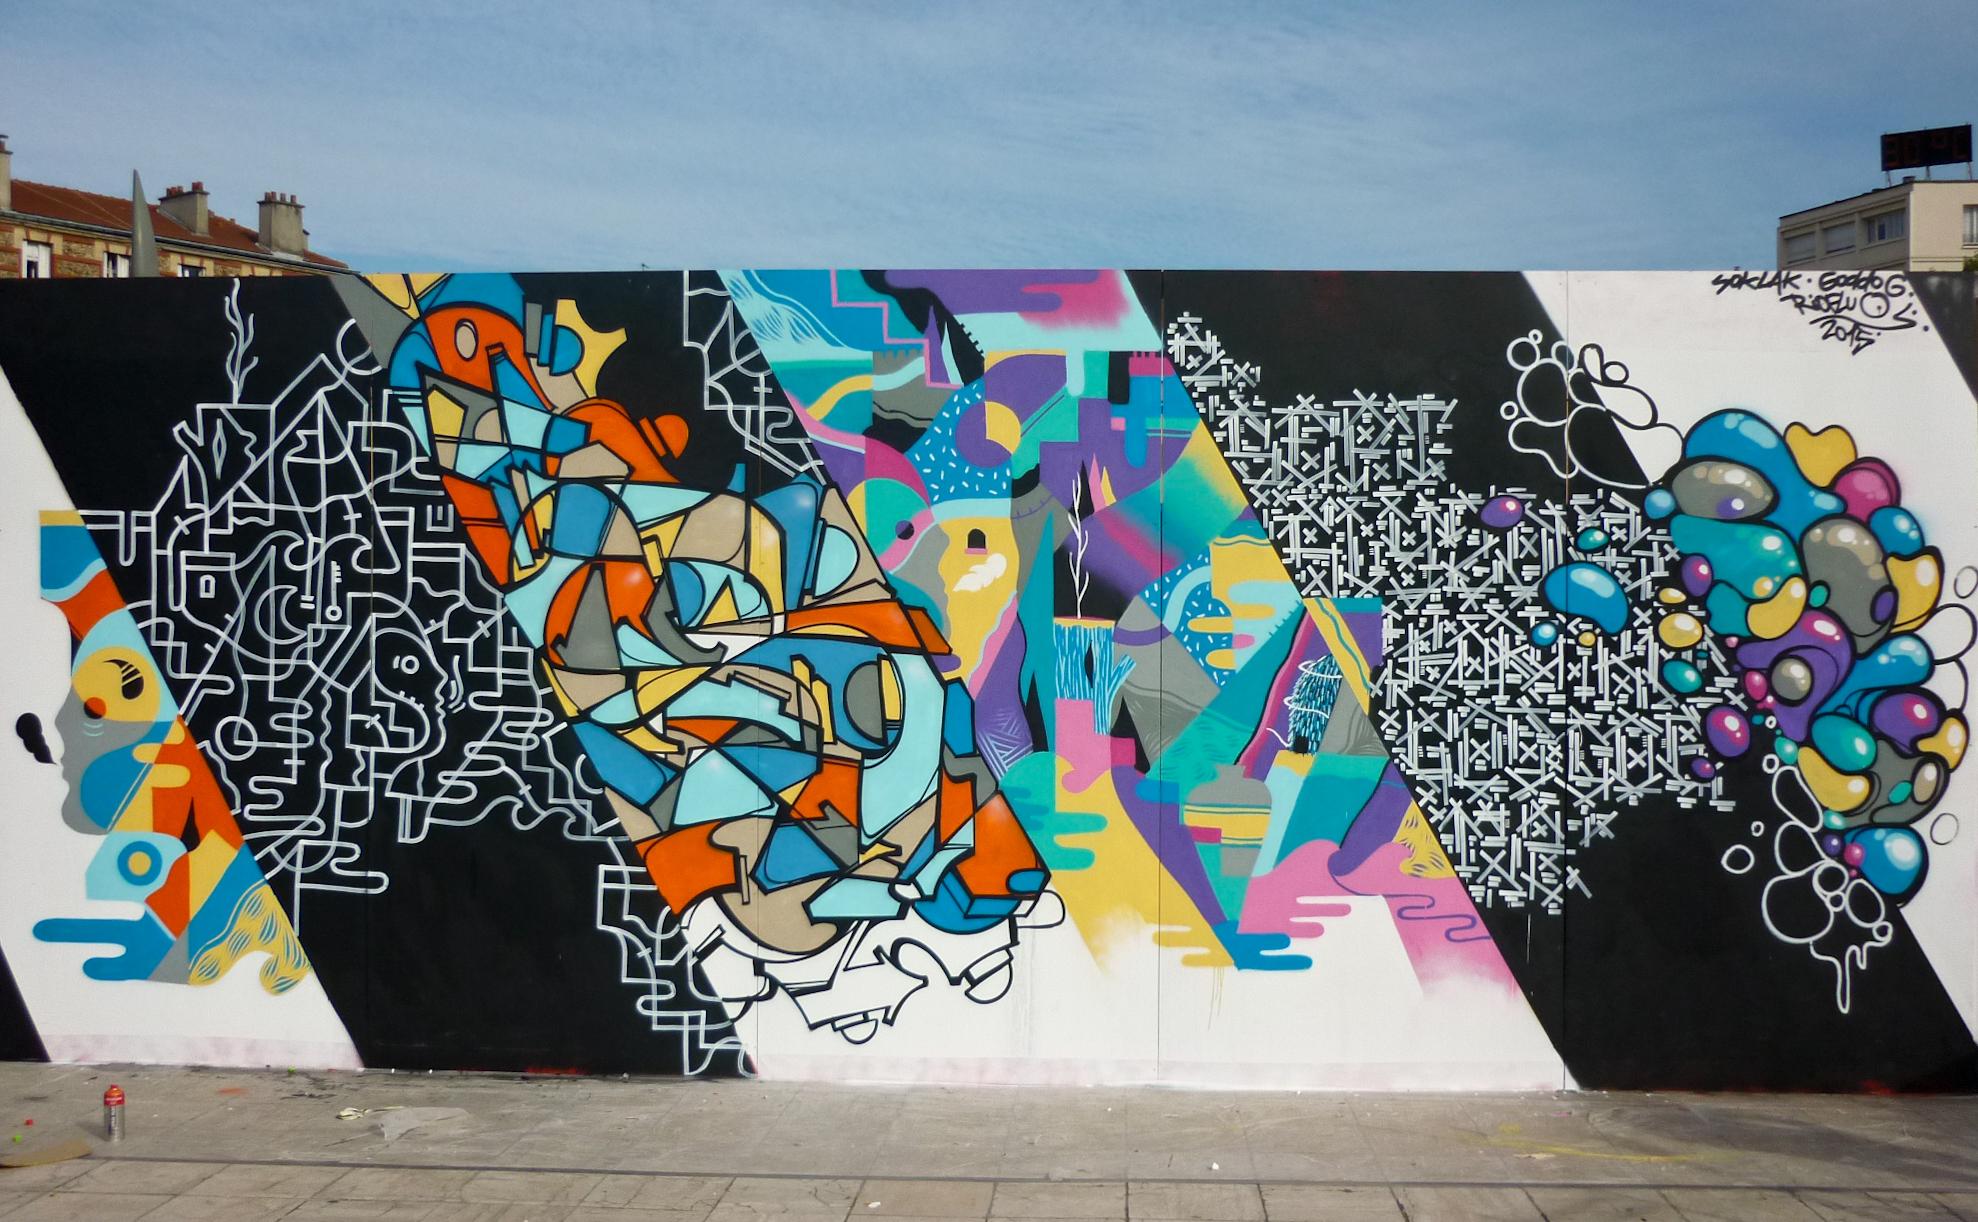 Soklak fresque street graffiti